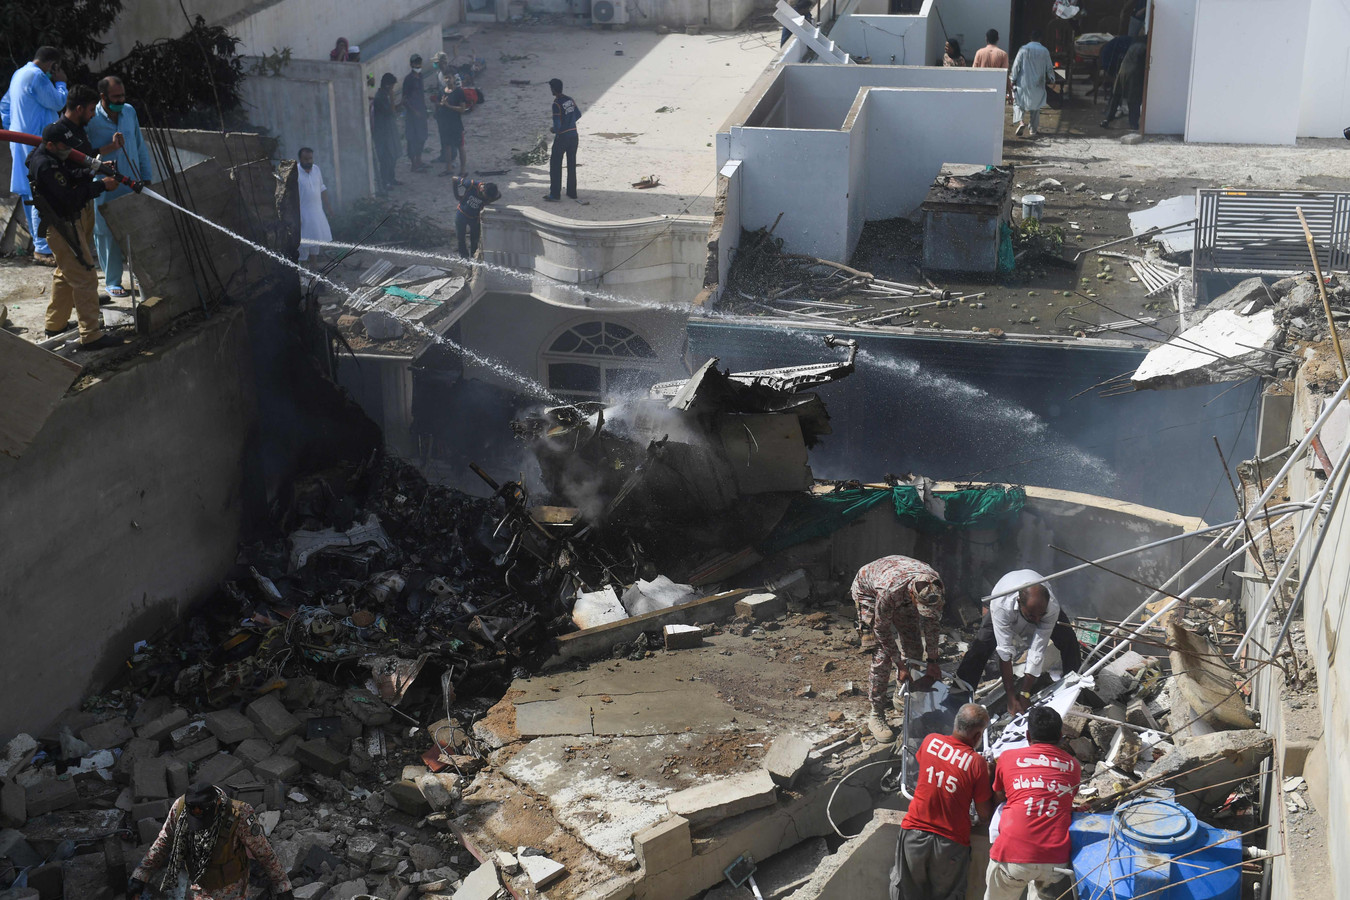 Reddingswerkers en politie blussen een brokstuk op de rampplek met water.